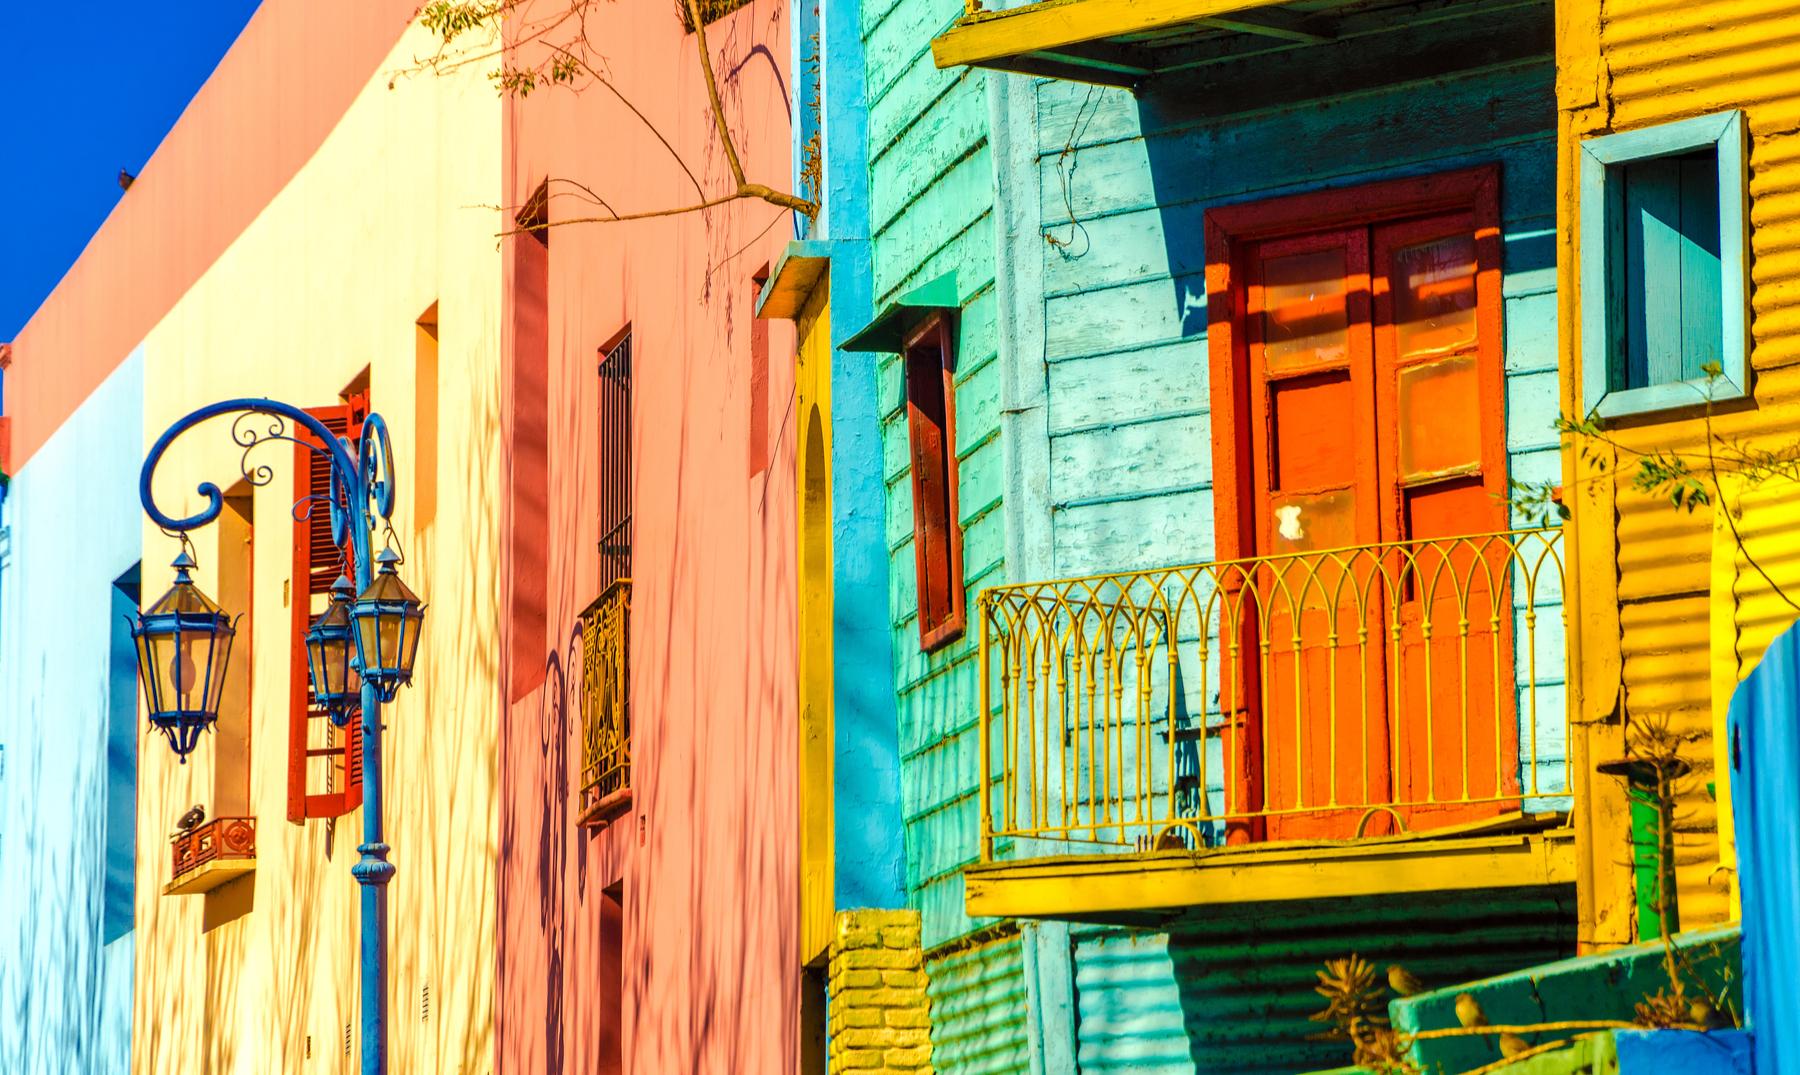 60 Frases De Buenos Aires La Ciudad Que No Duerme Con